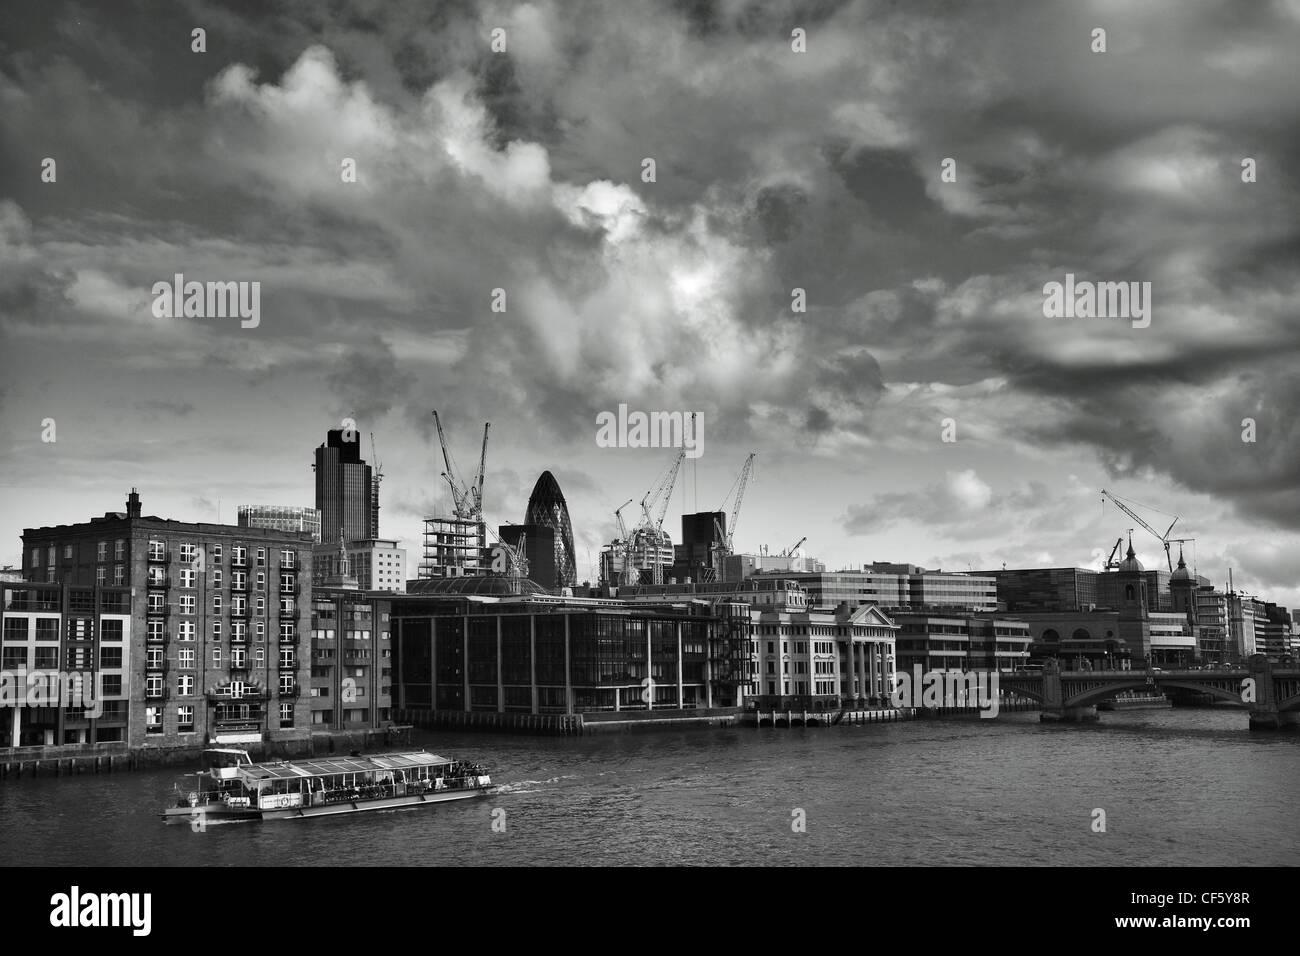 Vue sur la Tamise vers iconic London landmarks, 'the Gherkin and Tower 42, (anciennement connu sous le nom de Photo Stock